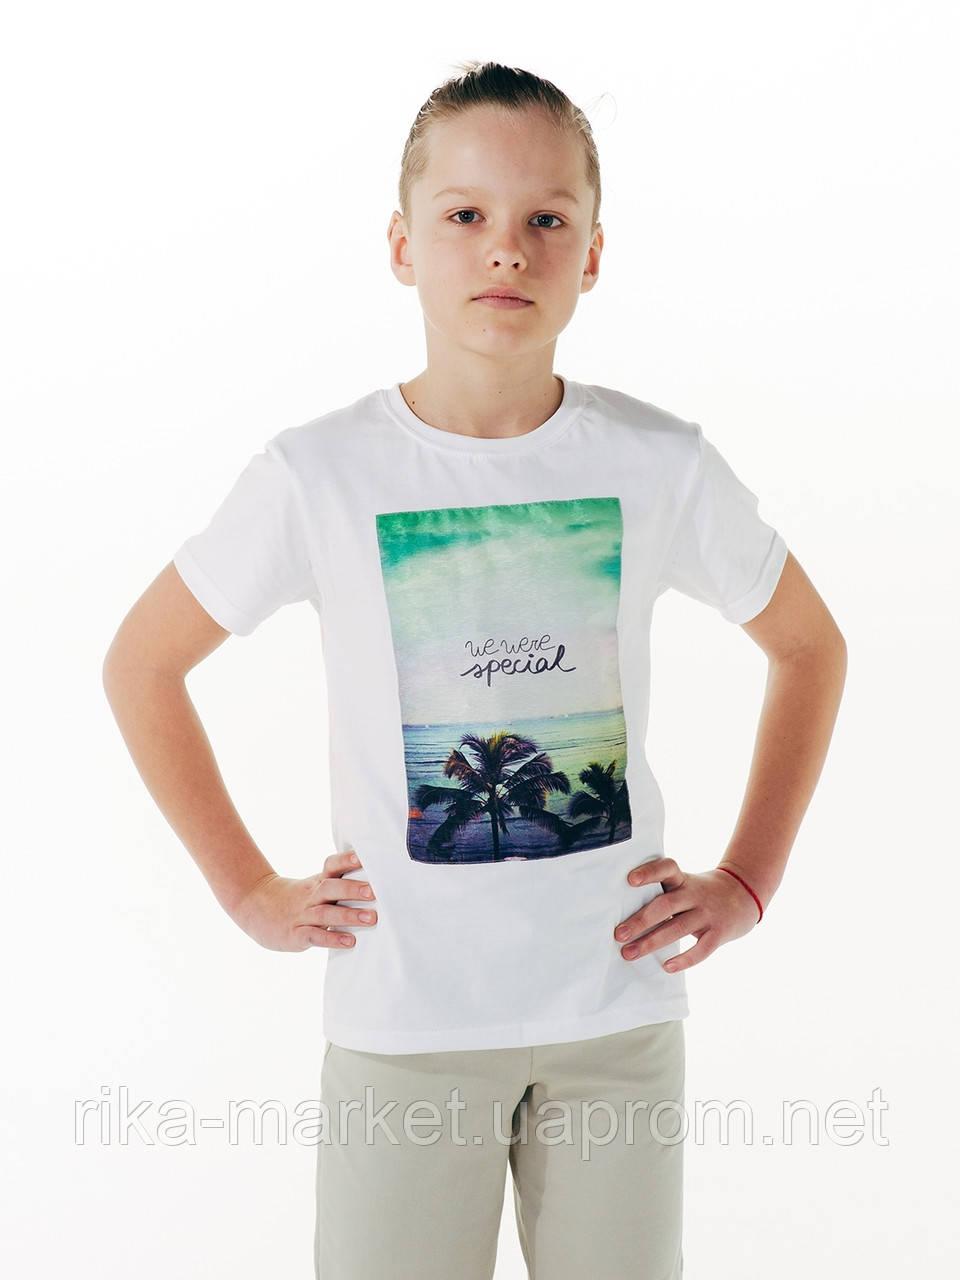 Футболка для мальчика, арт. 110536, возраст от 11 до 14 лет